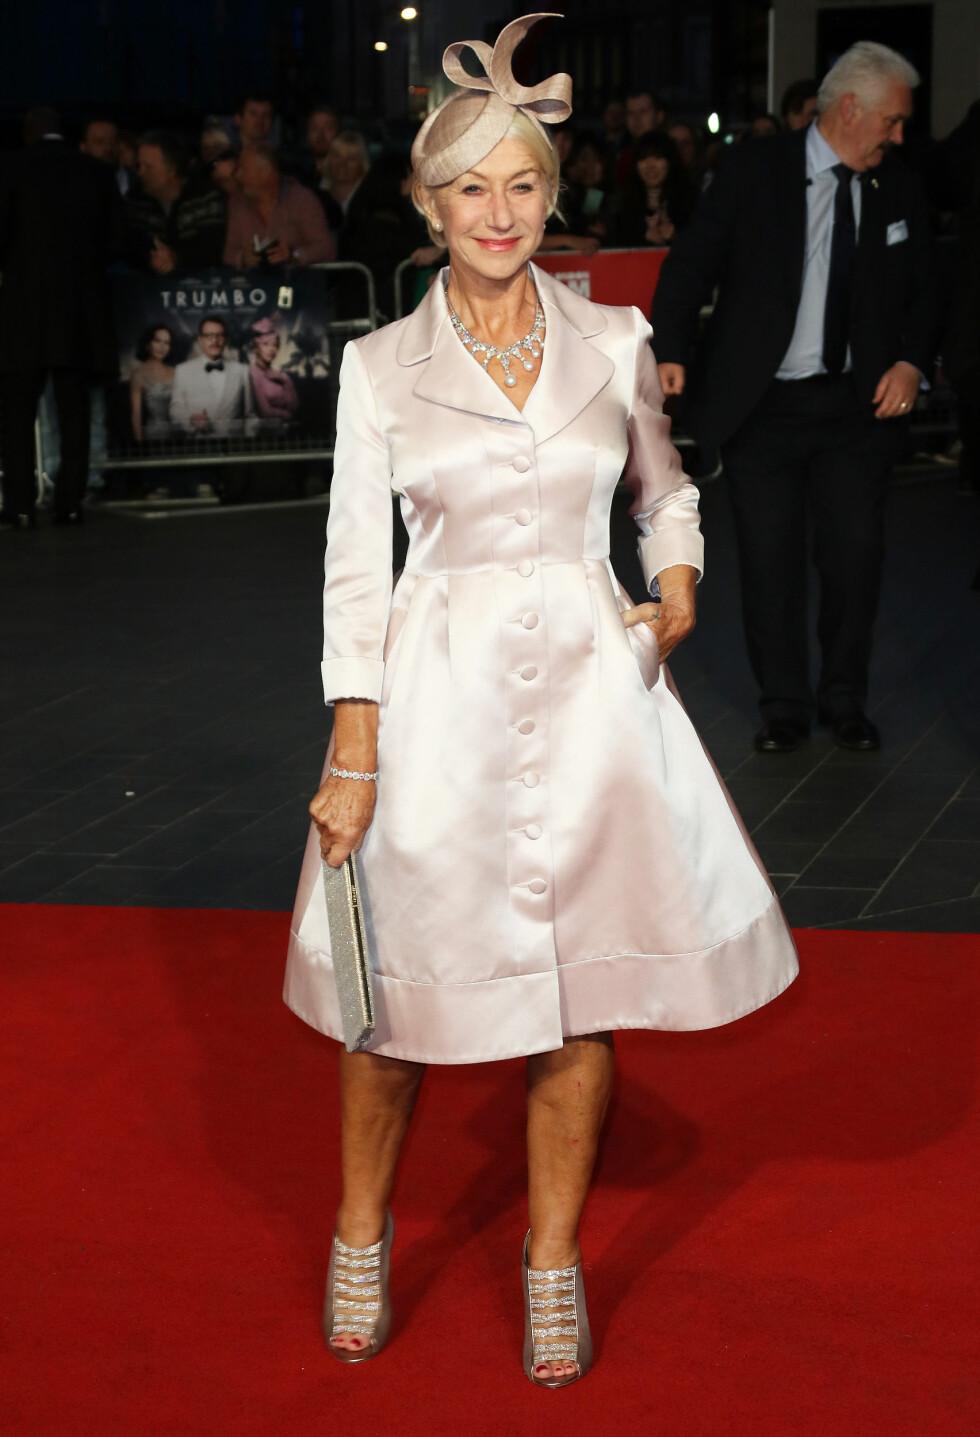 SATENG: Helen Mirren i en A-formet, blekrosa kåpekjole på «Trumbo»-visningen. Skuespilleren tok den helt ut med matchende sko, glitrende tilbehør og en festlig hatt.  Foto: Splash News